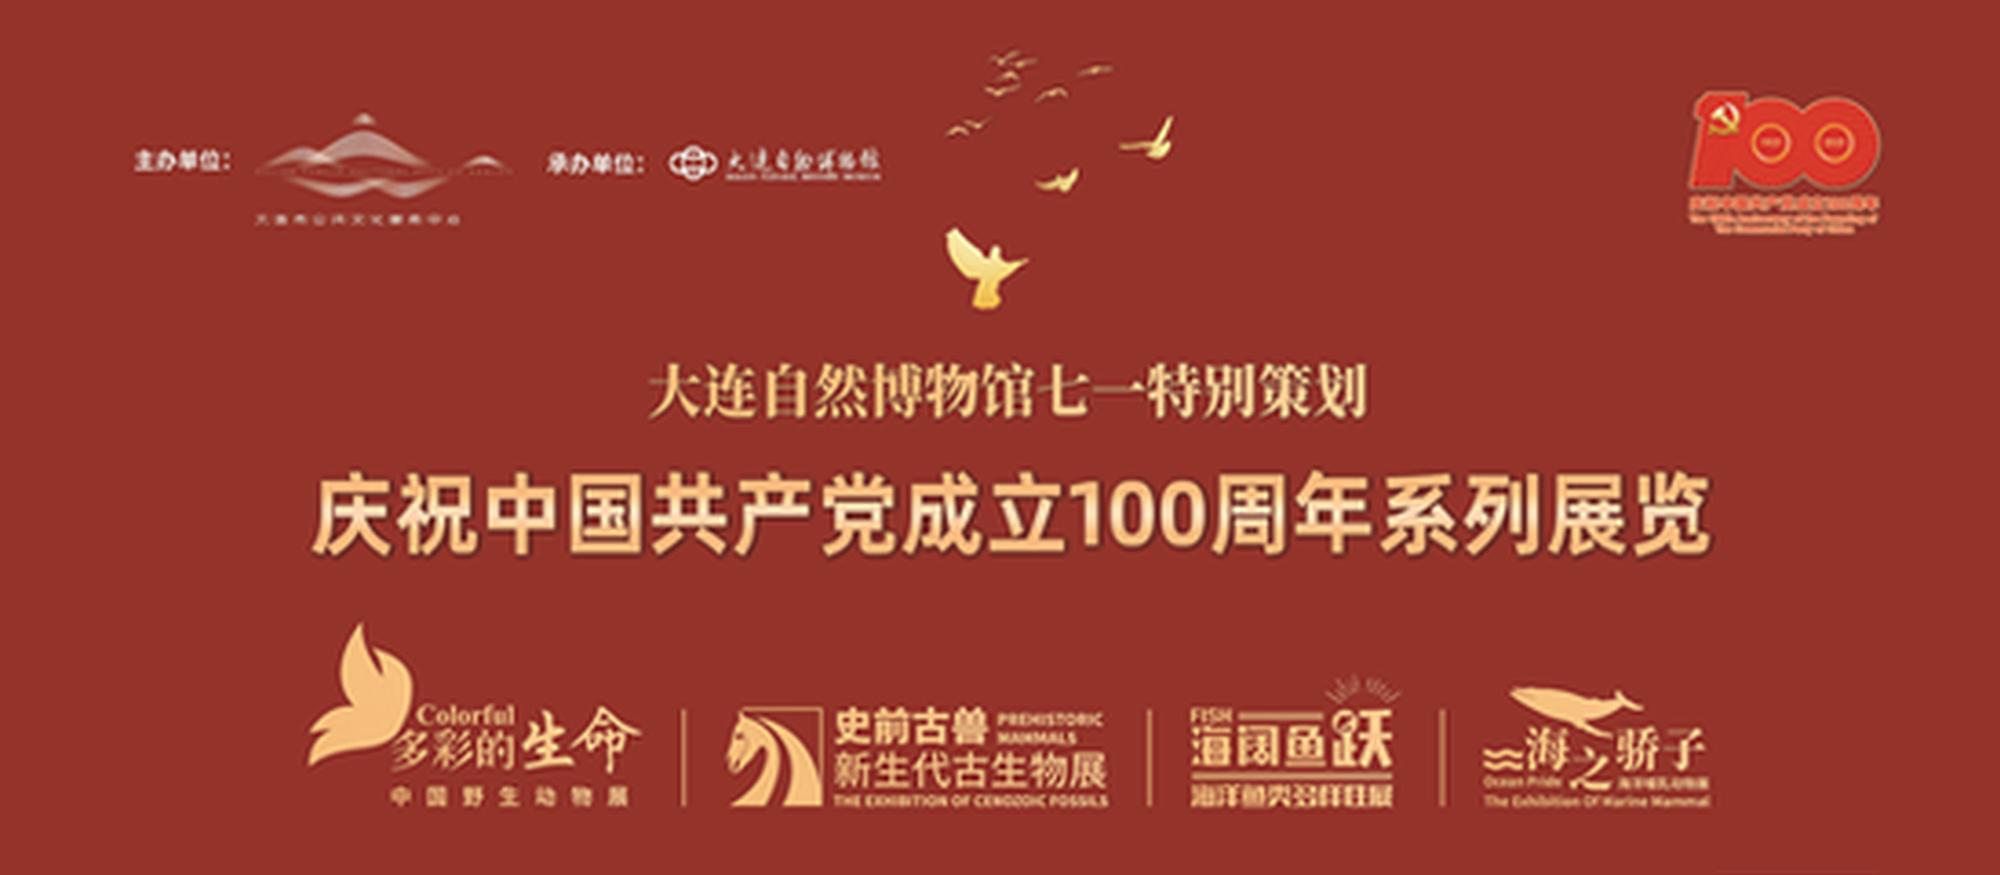 迎建党百年 大连自然博物馆推出四大专题展览